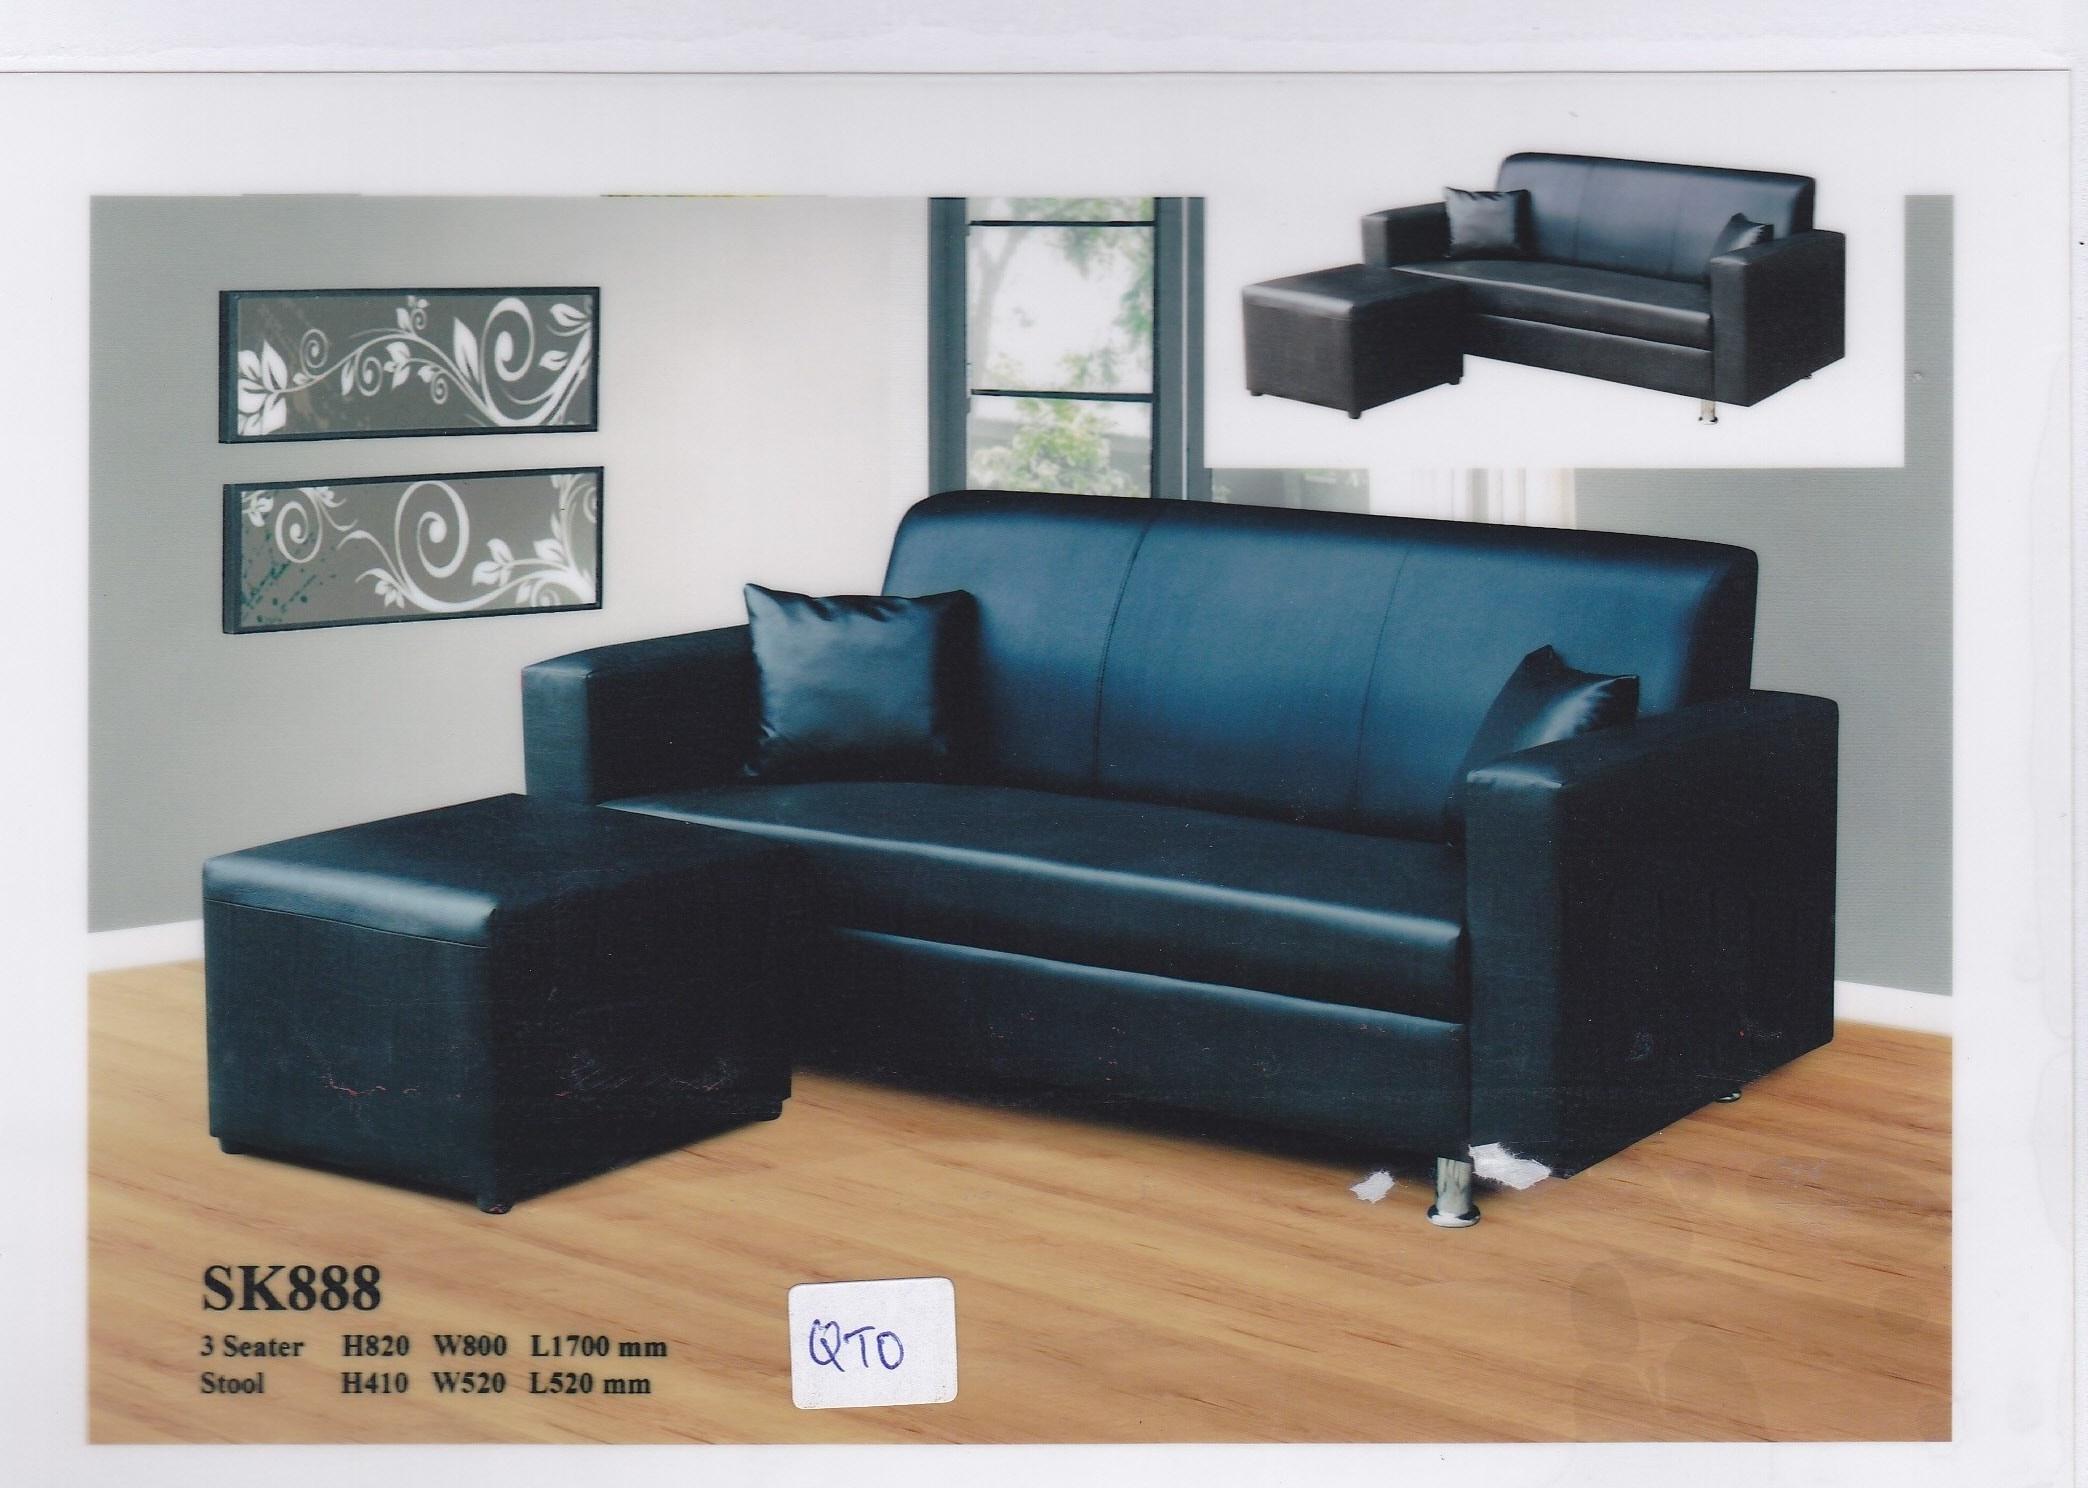 Mela PVC Sofa with Ottoman